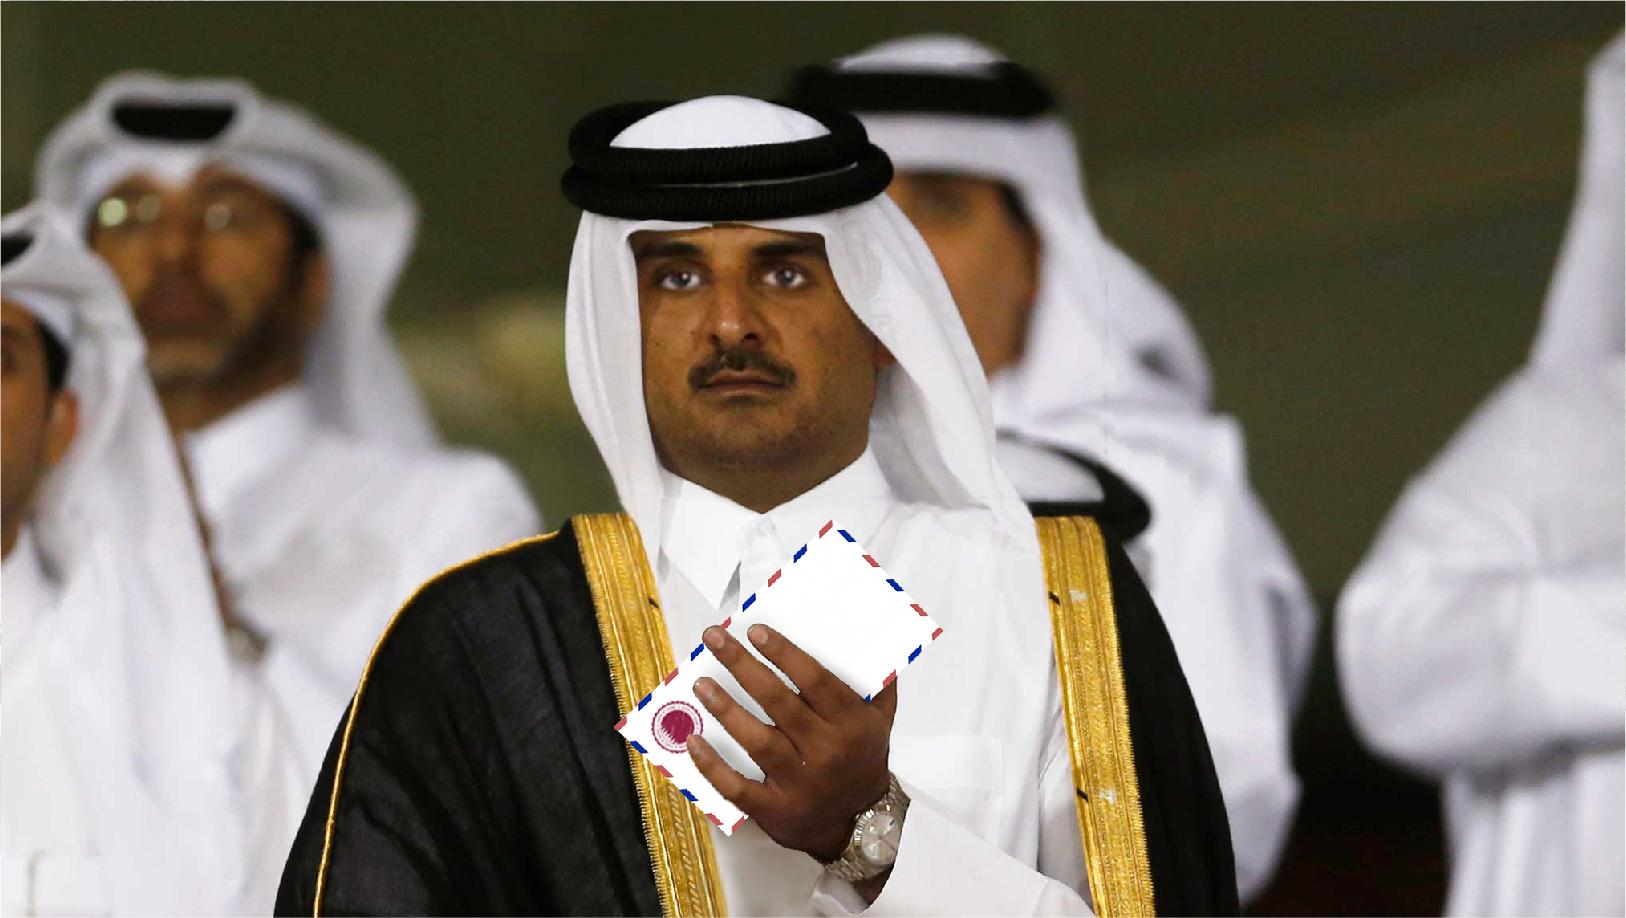 صورة قطر تقدم لائحة مطالبها مقابل موافقتها على فك الحصار عنها